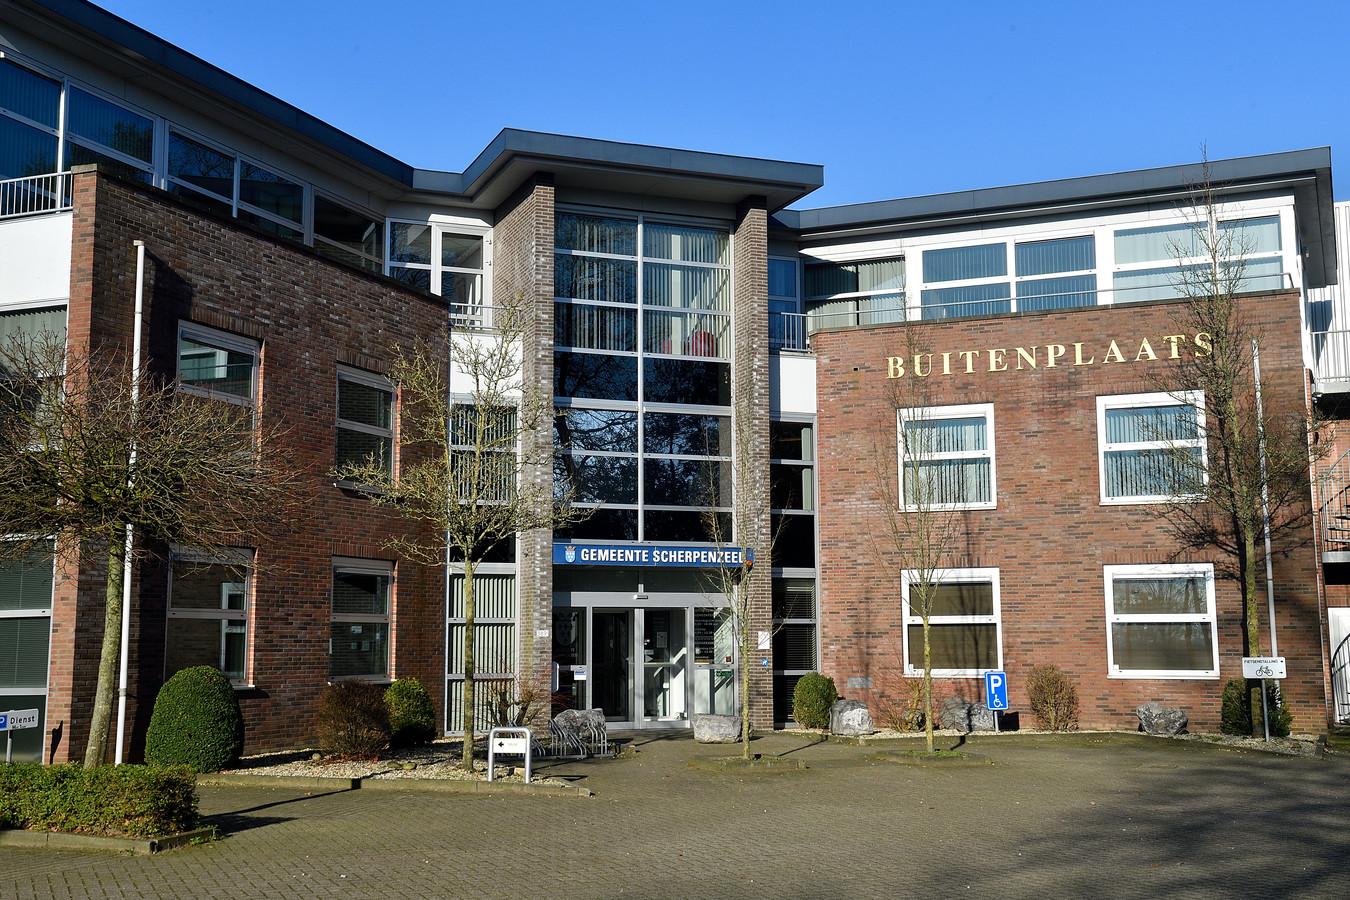 Scherpenzeel houdt op te bestaan als zelfstandige gemeente. Volgens Gedeputeerde Staten van Gelderland moet de gemeente per 1 januari 2023 samengevoegd worden met Barneveld.